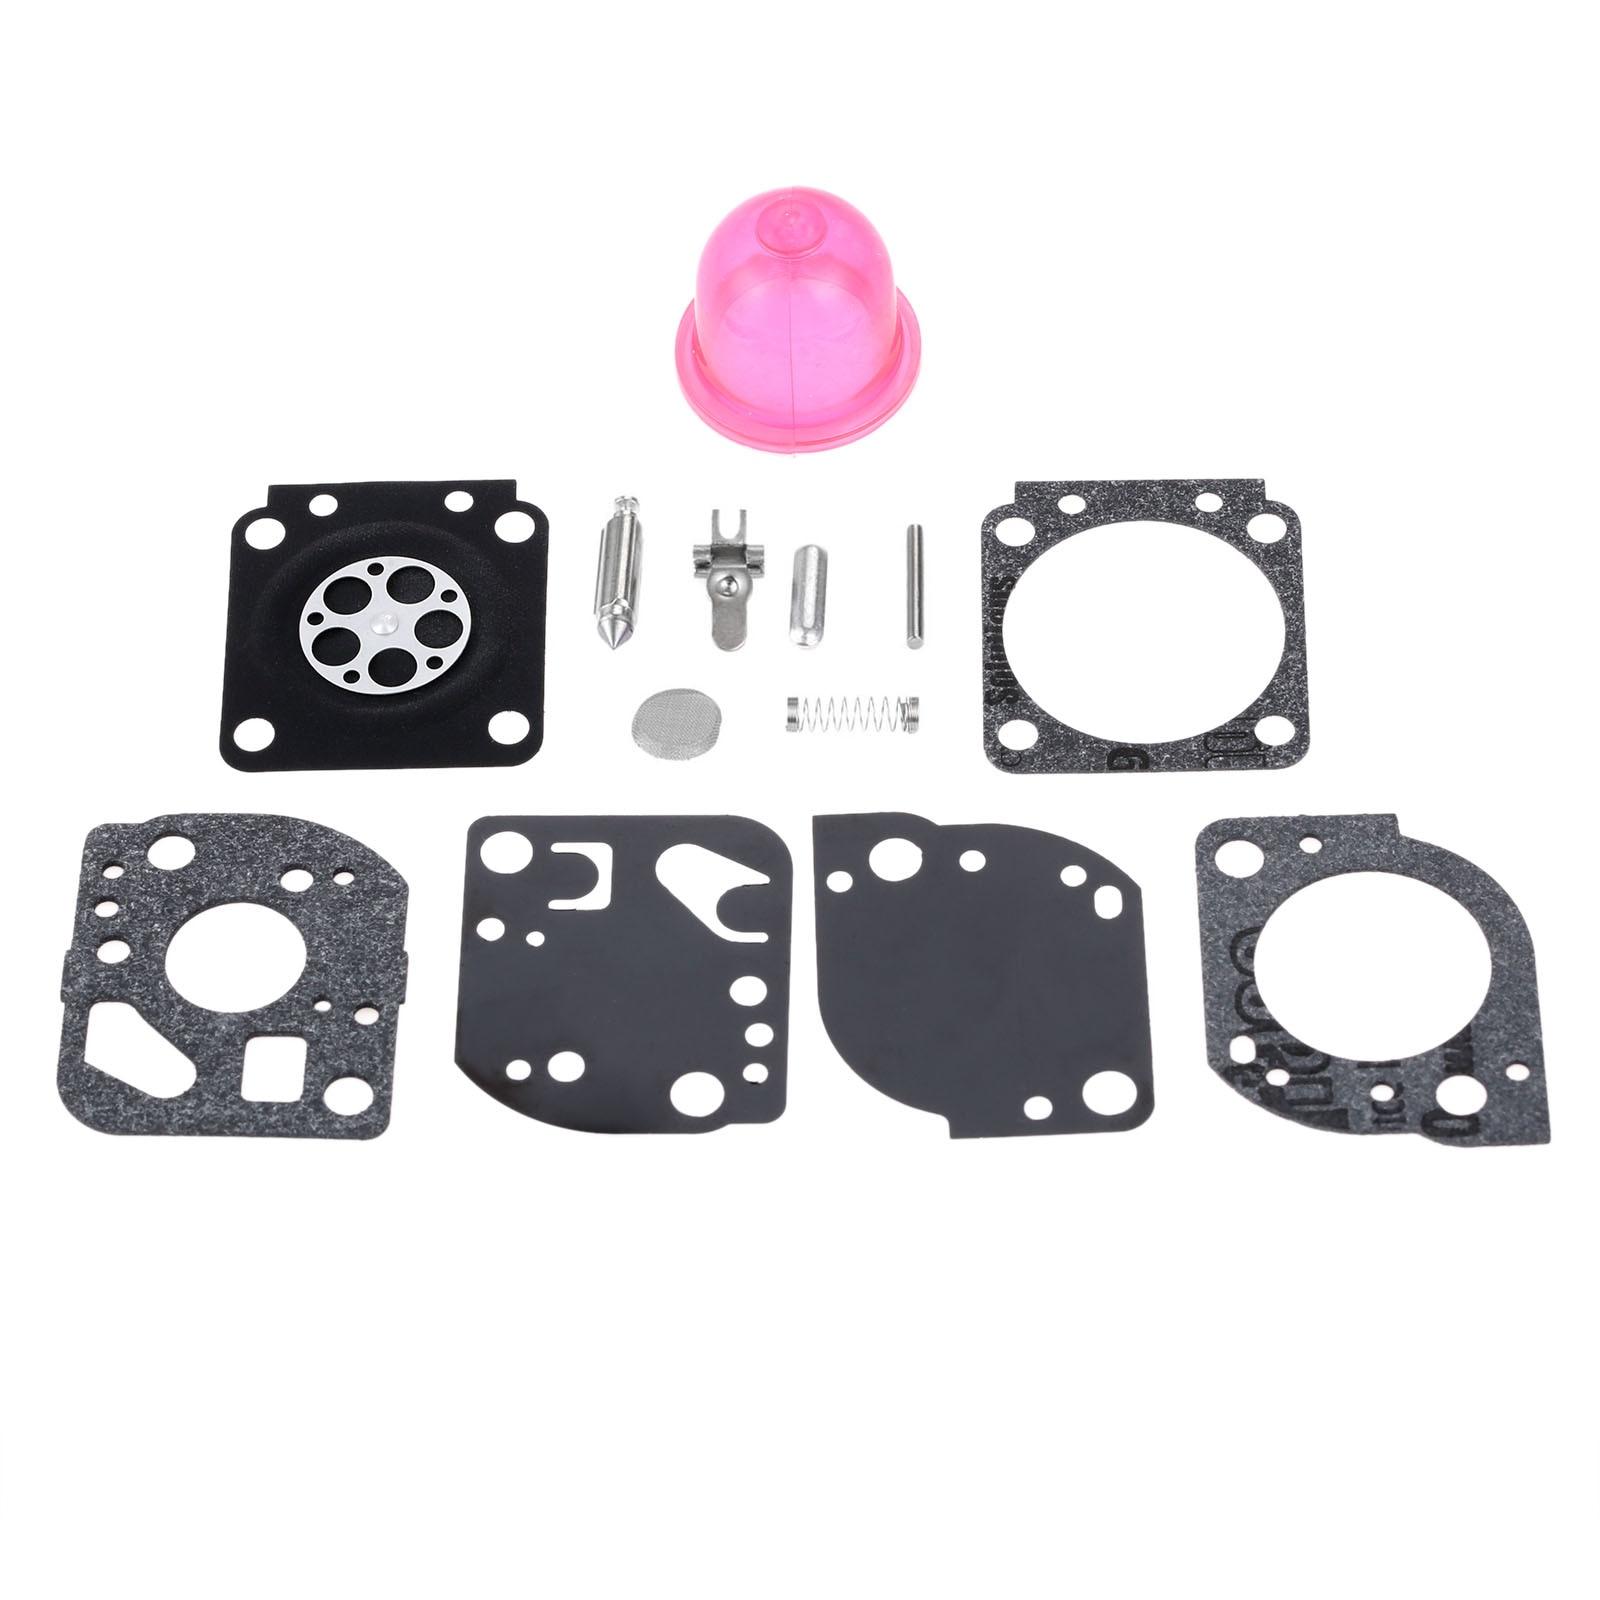 Diafragma Carburador Reconstruir Kit para Zama DRELD RB-117 C1U-W19 Carb PP025 PP325 PP26E PP125 SM706 SM705 Trimmer Chainsaw Parts